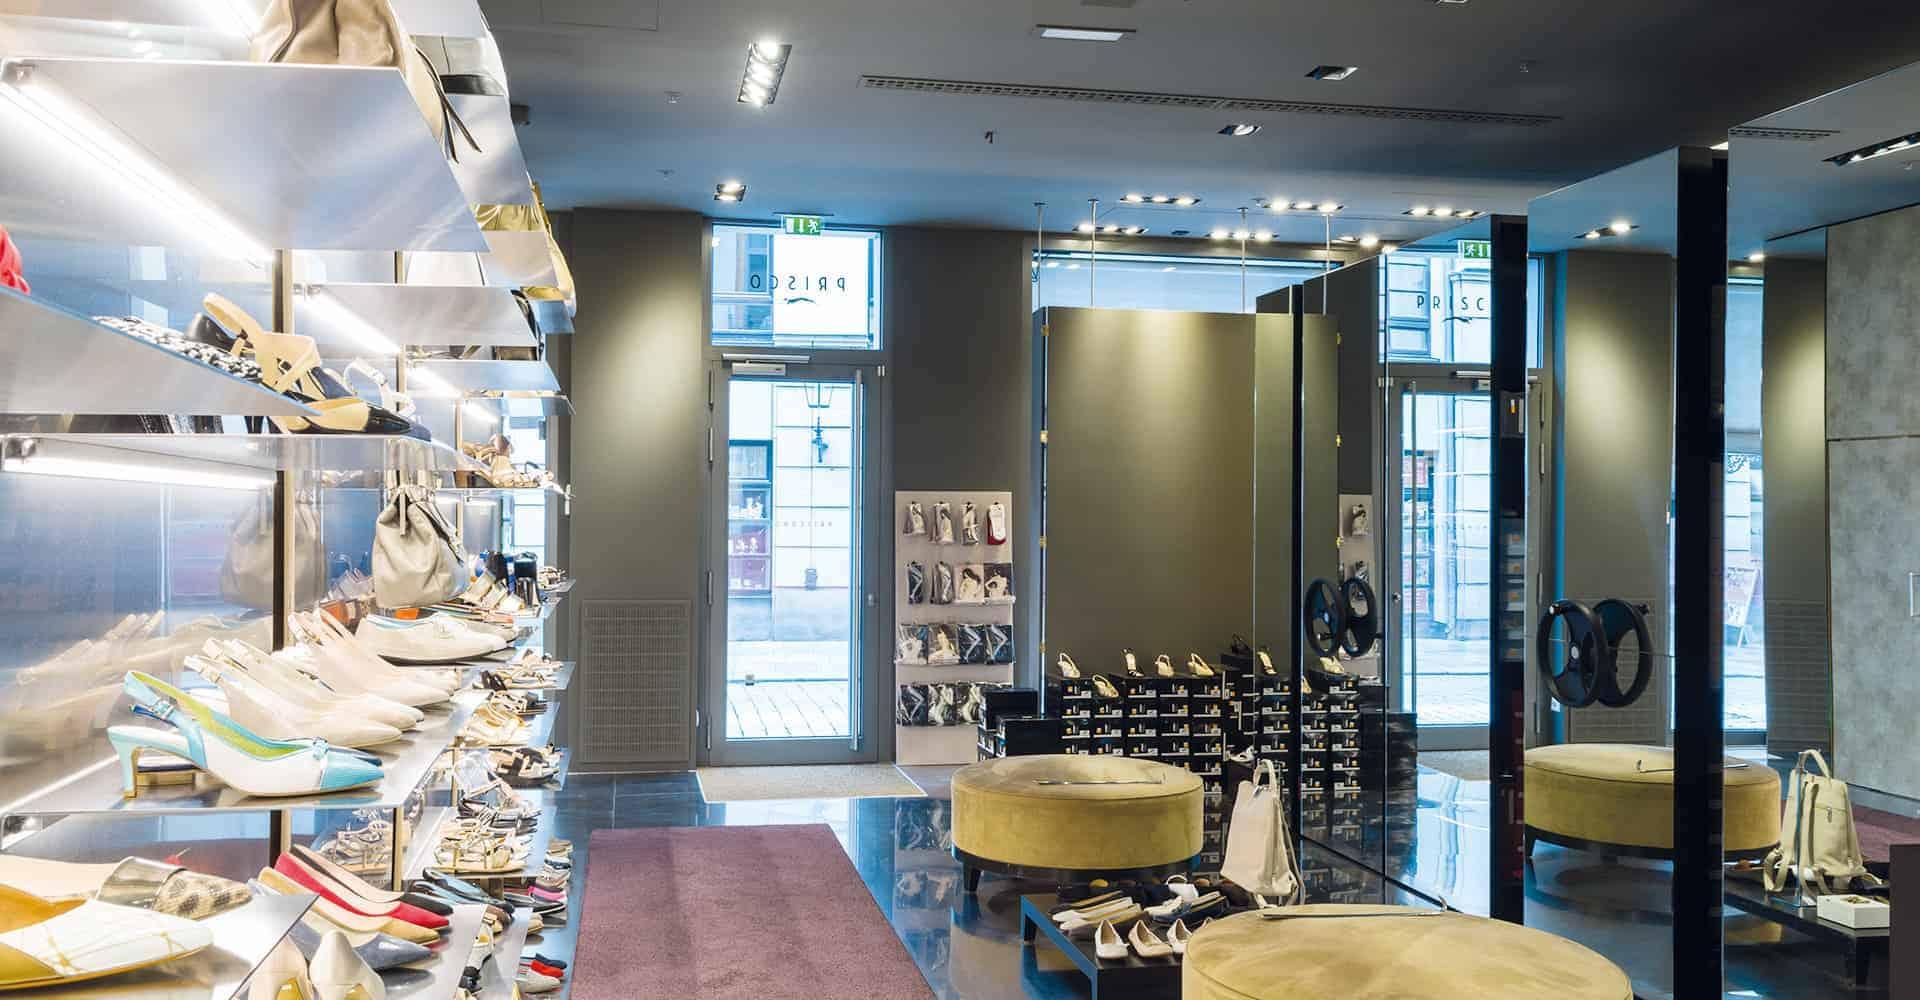 PRISCO STORE DRESDEN   LADENBAU PRISCO WOMAN, PRISCO MAN & PRISCO OUTLET   Umbau eines des Schuh-Stores im Quartier an der Frauenkirche in Dresden. Nach dem Entwurf von Ehrlich & Richters wurde der bestehende Prisco Woman-Store in kürzester Zeit revistalisiert.